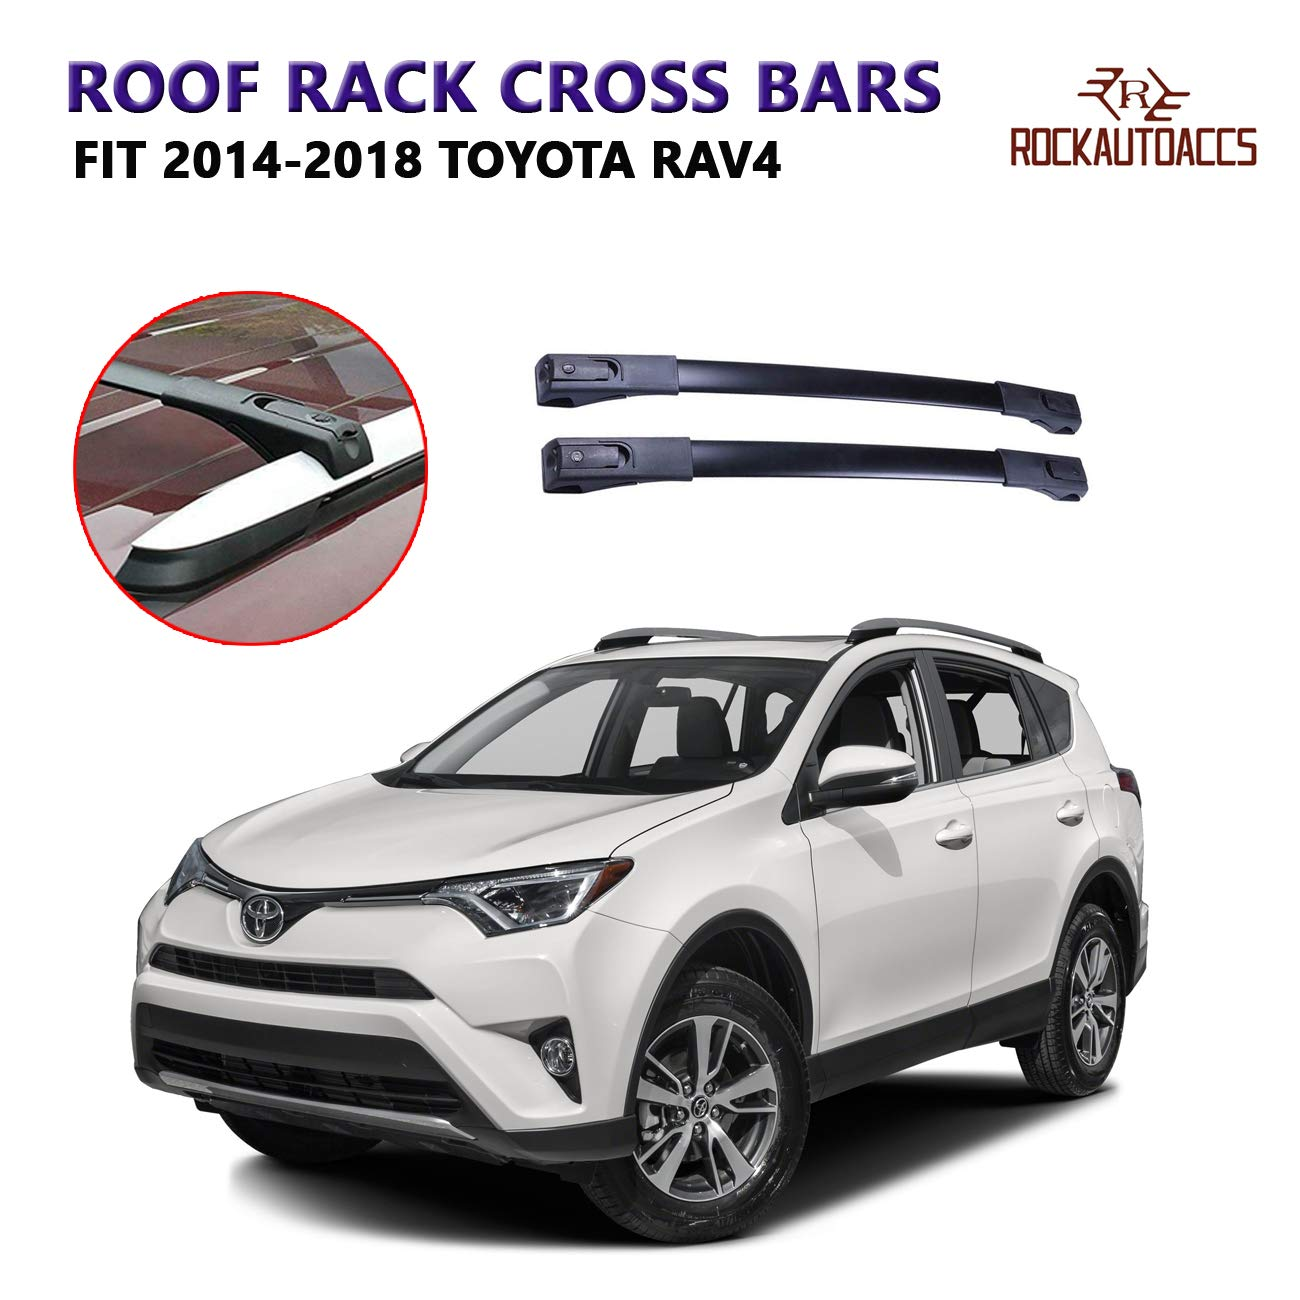 rokiotoex roof rack crossbars side rail cross bar fits 2014 2018 toyota rav4 xle limited factory raised roof rails lock key premium aluminum